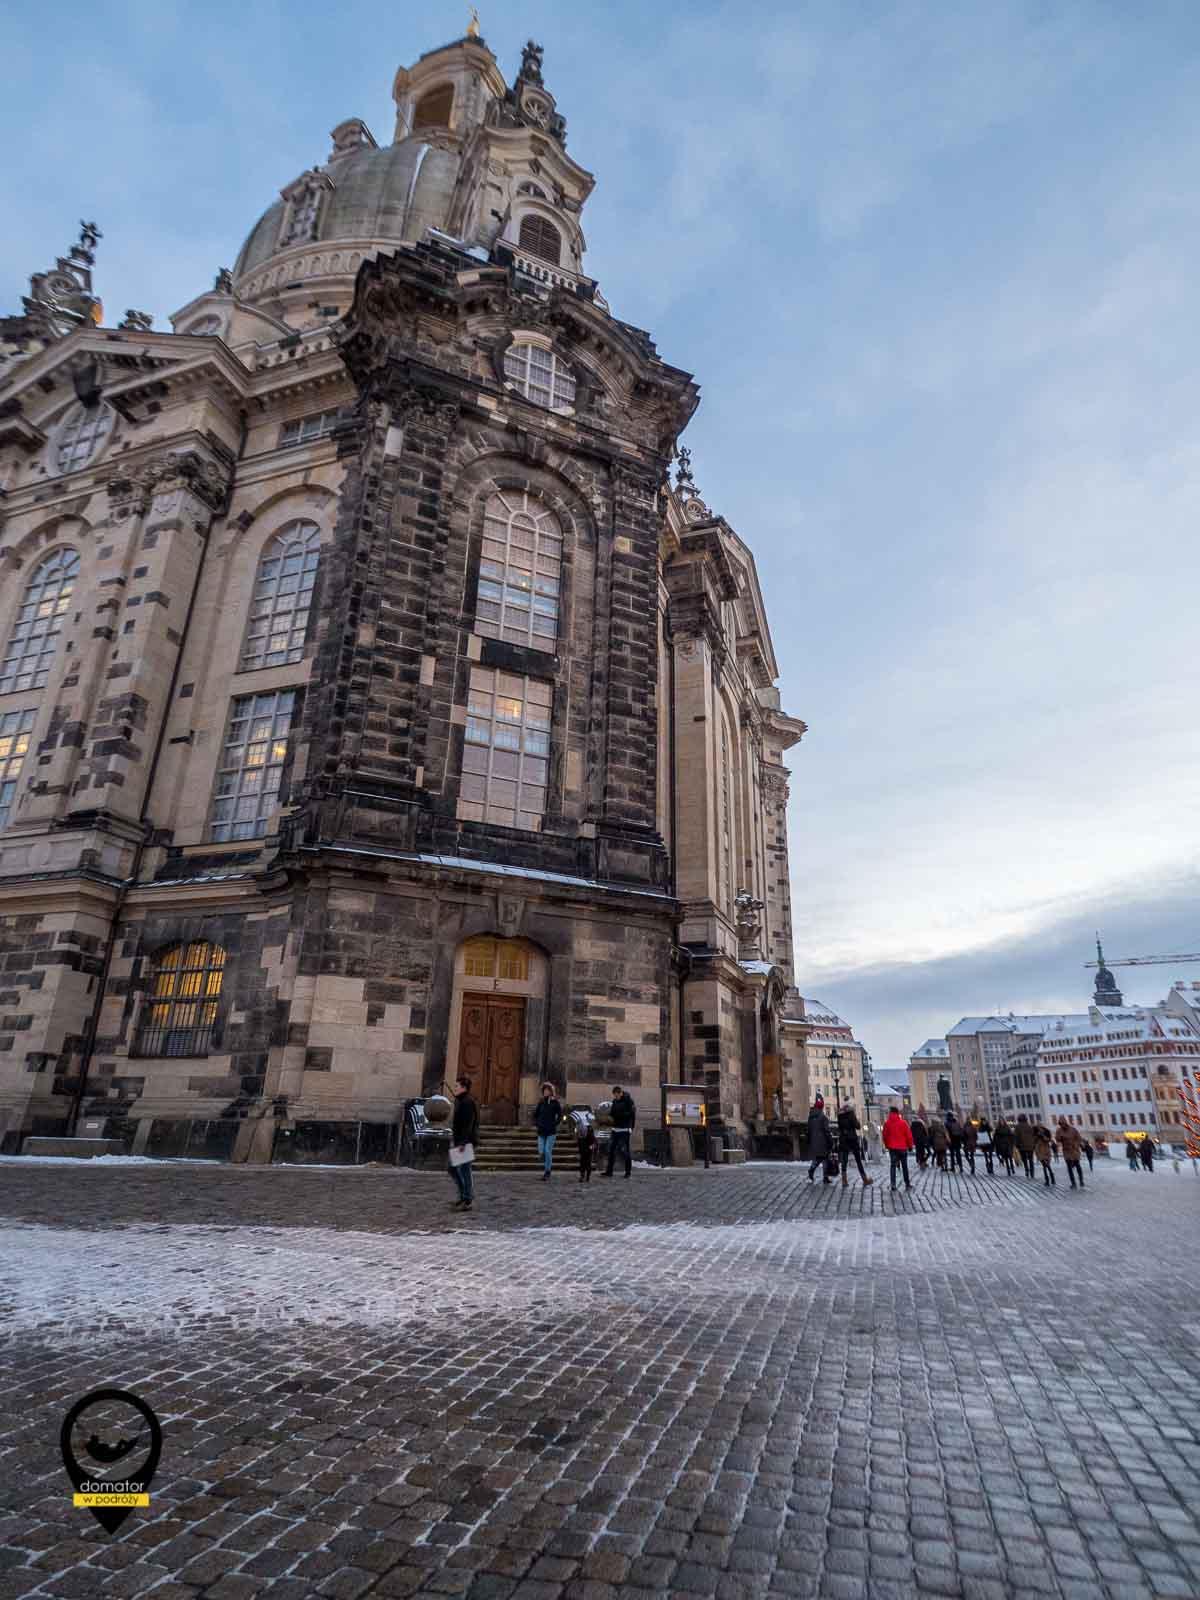 Kościół Marii Panny -Frauenkirche - luterański świątynia odbudowana dopiero w 2005 roku. Ciemne bloki piaskowca na fasadzie budowli pochodzą ze zburzonego kościoła.